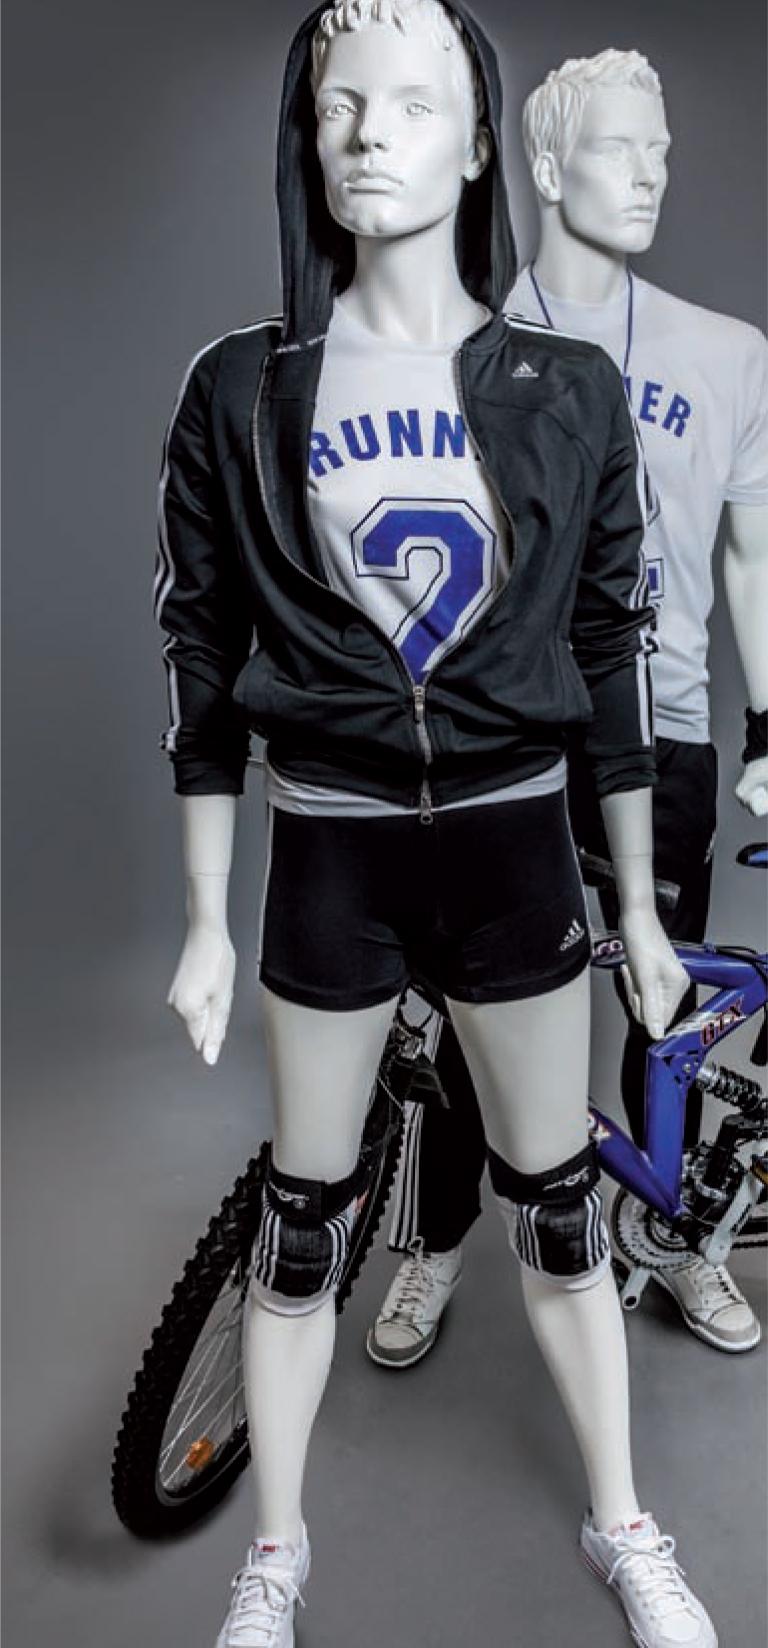 Sports_female.jpg